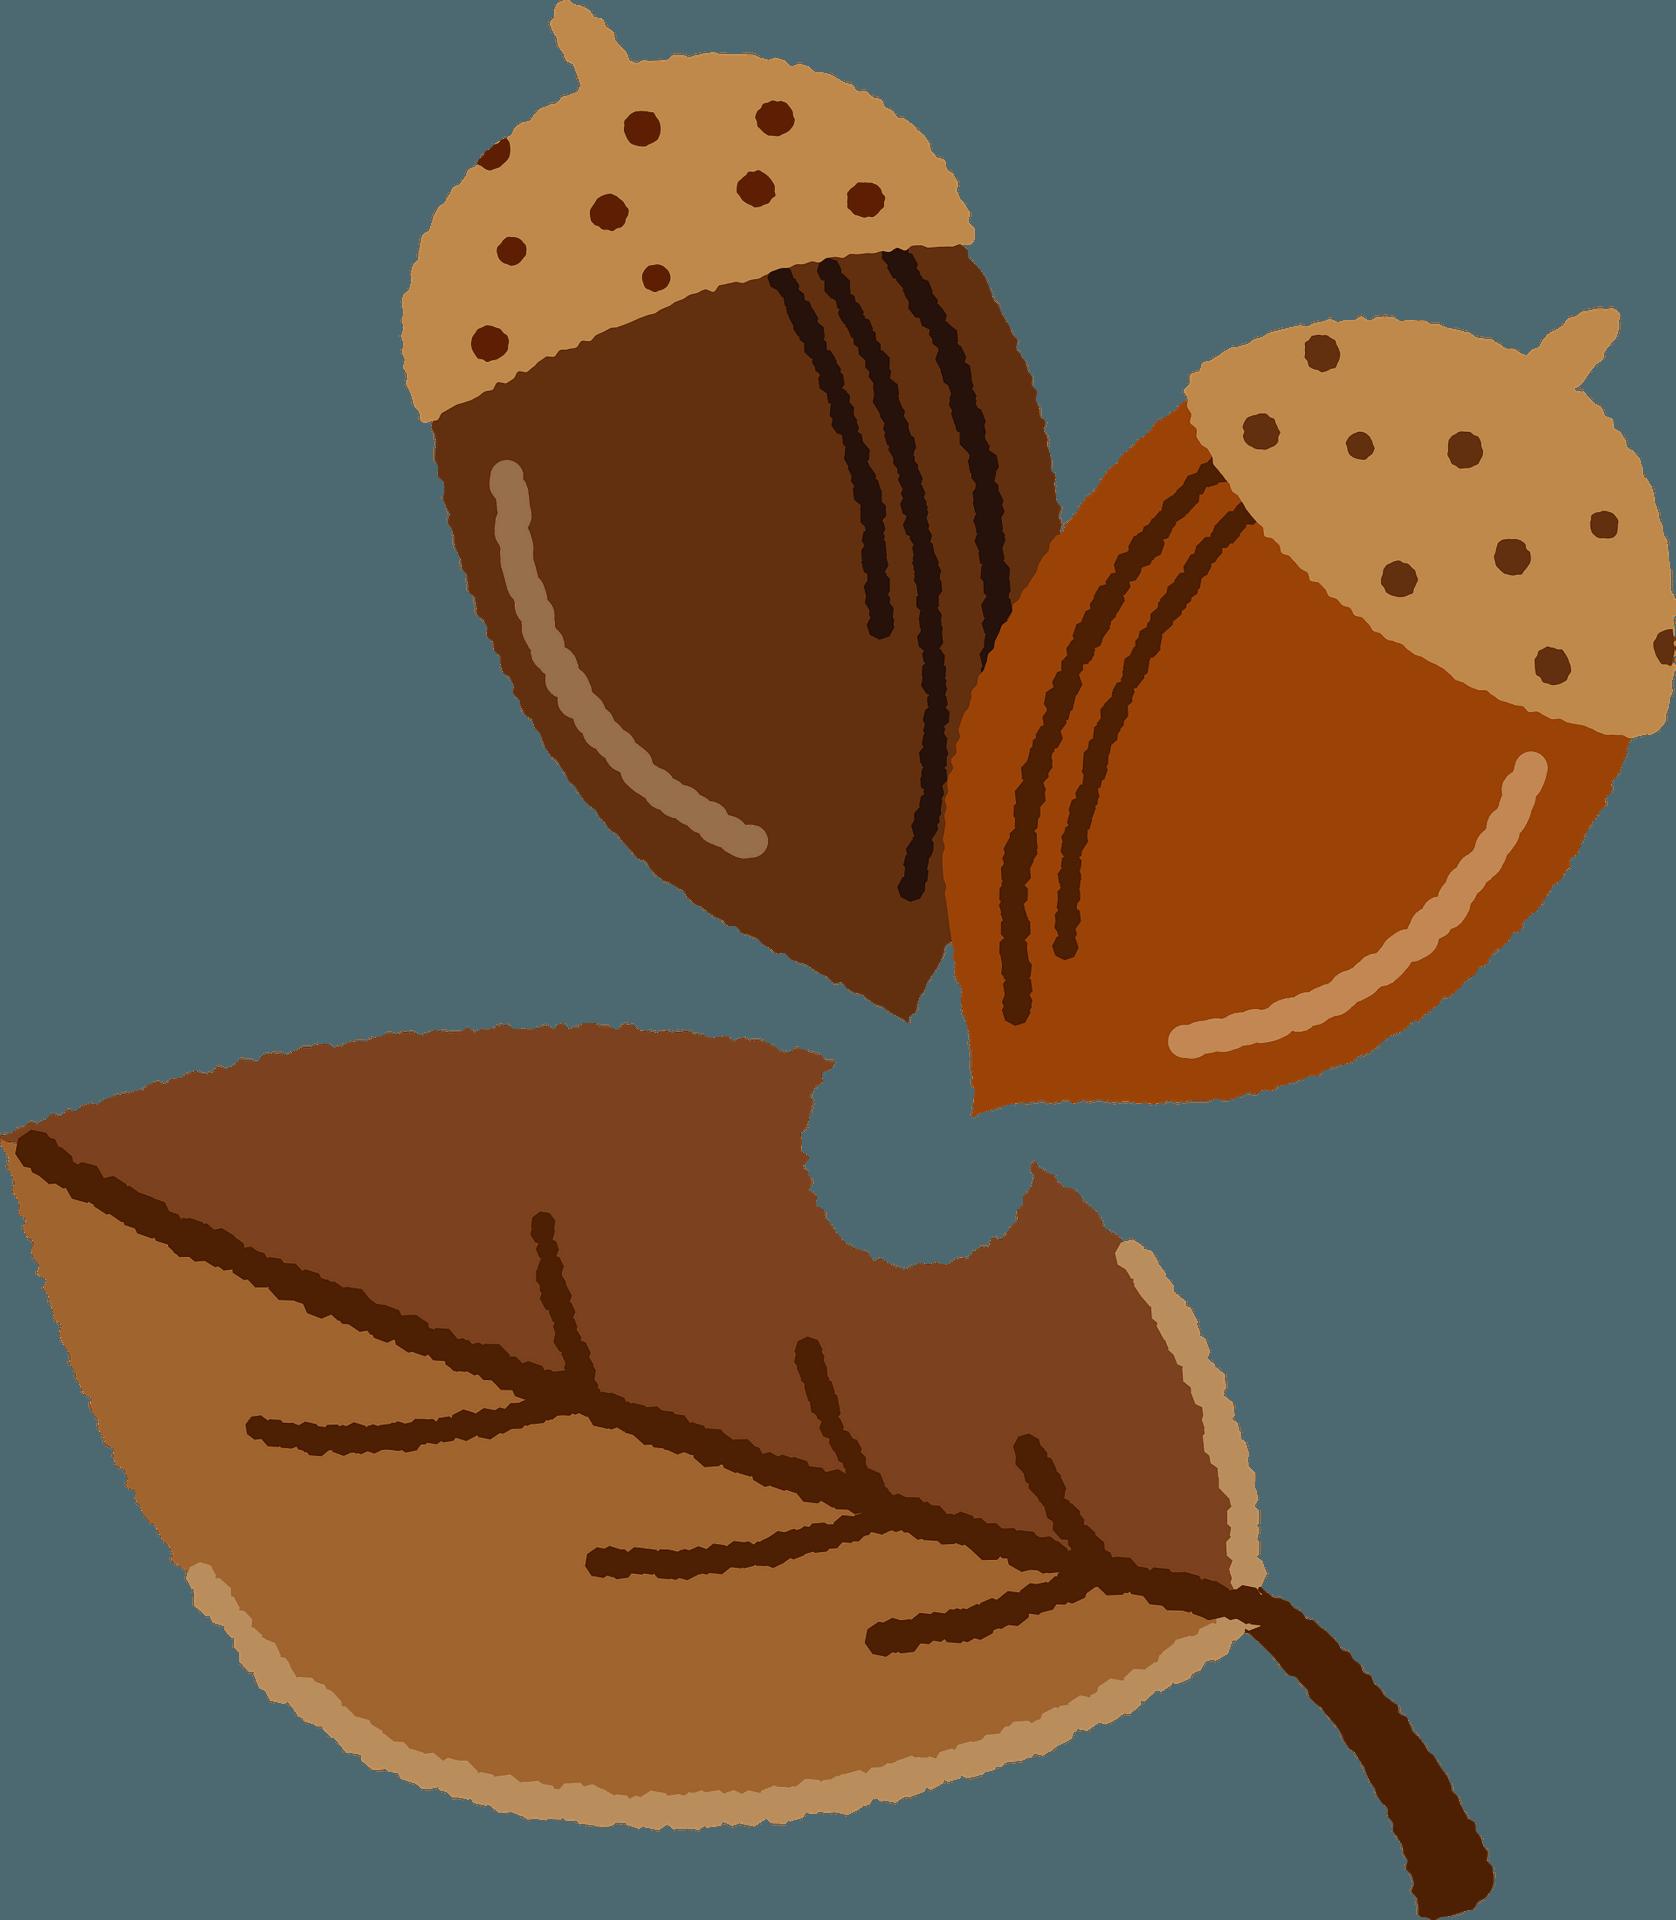 Acorn Clip Art 9, - Acorns Clip Art - Free Transparent PNG Clipart Images  Download